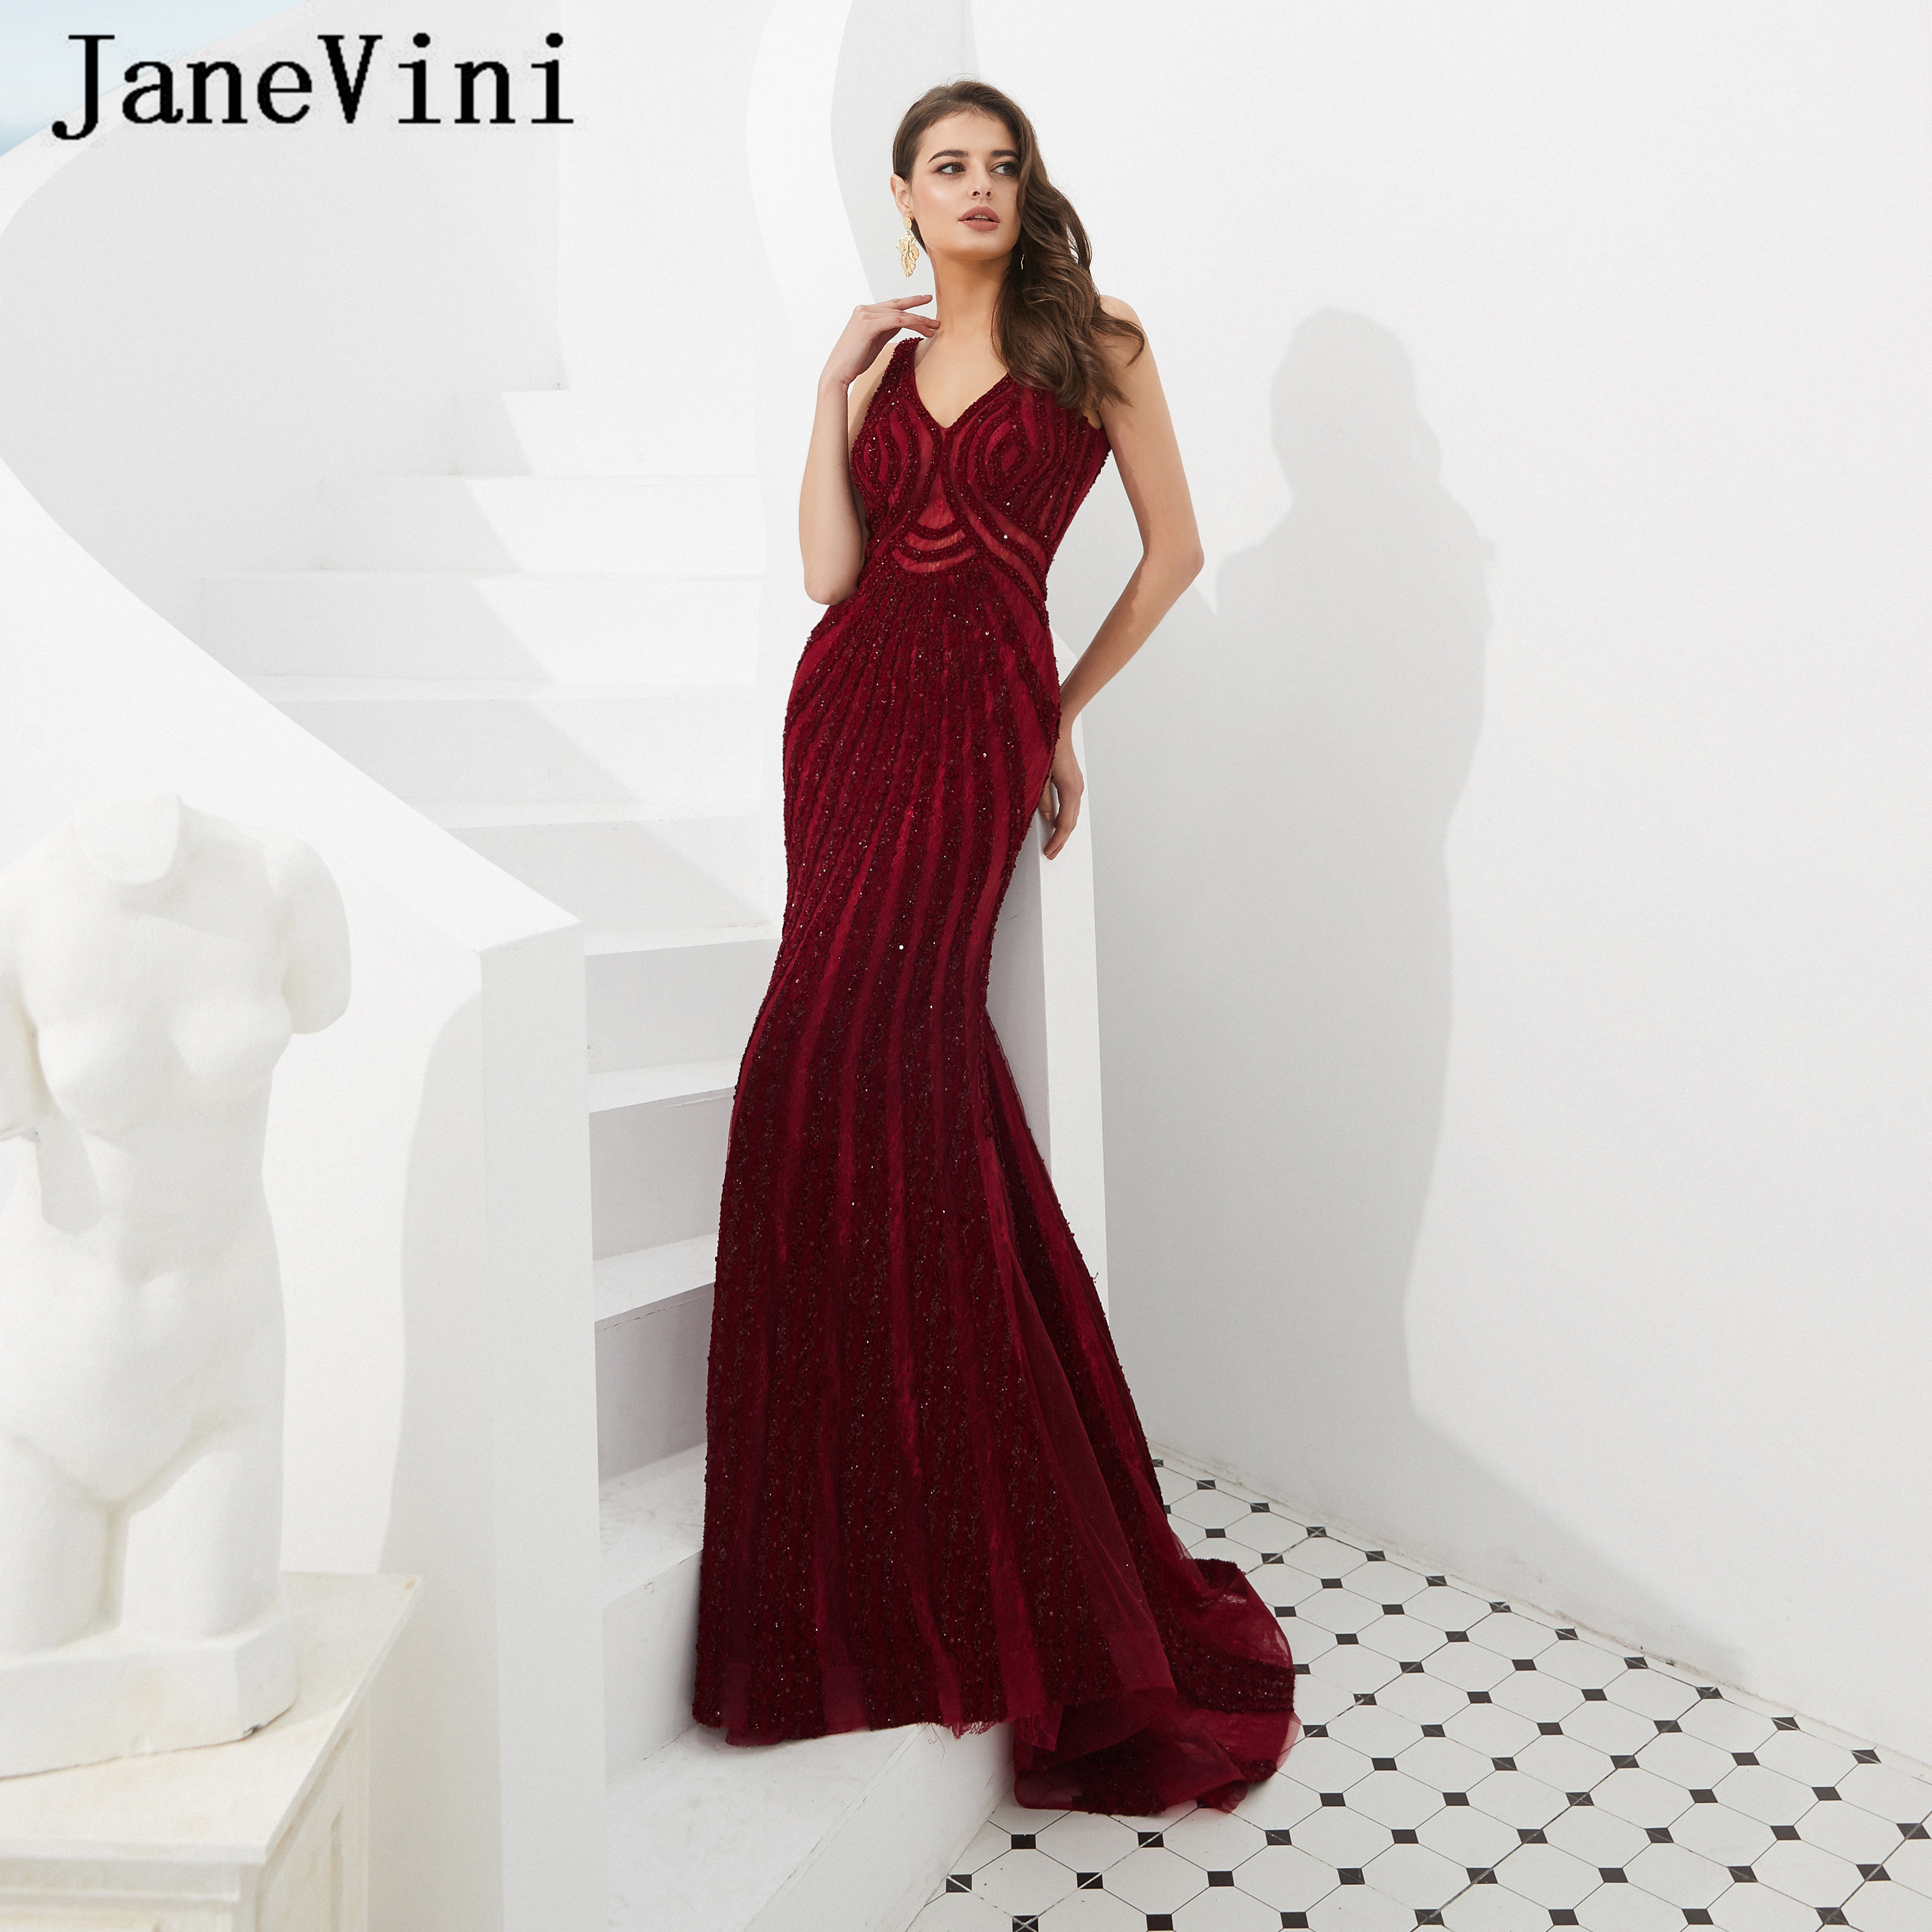 JaneVini 2019 longues bordeaux robes De bal Robe De Gala Sexy col en V luxe perles Tulle balayage Train formelle soirée robes De soirée